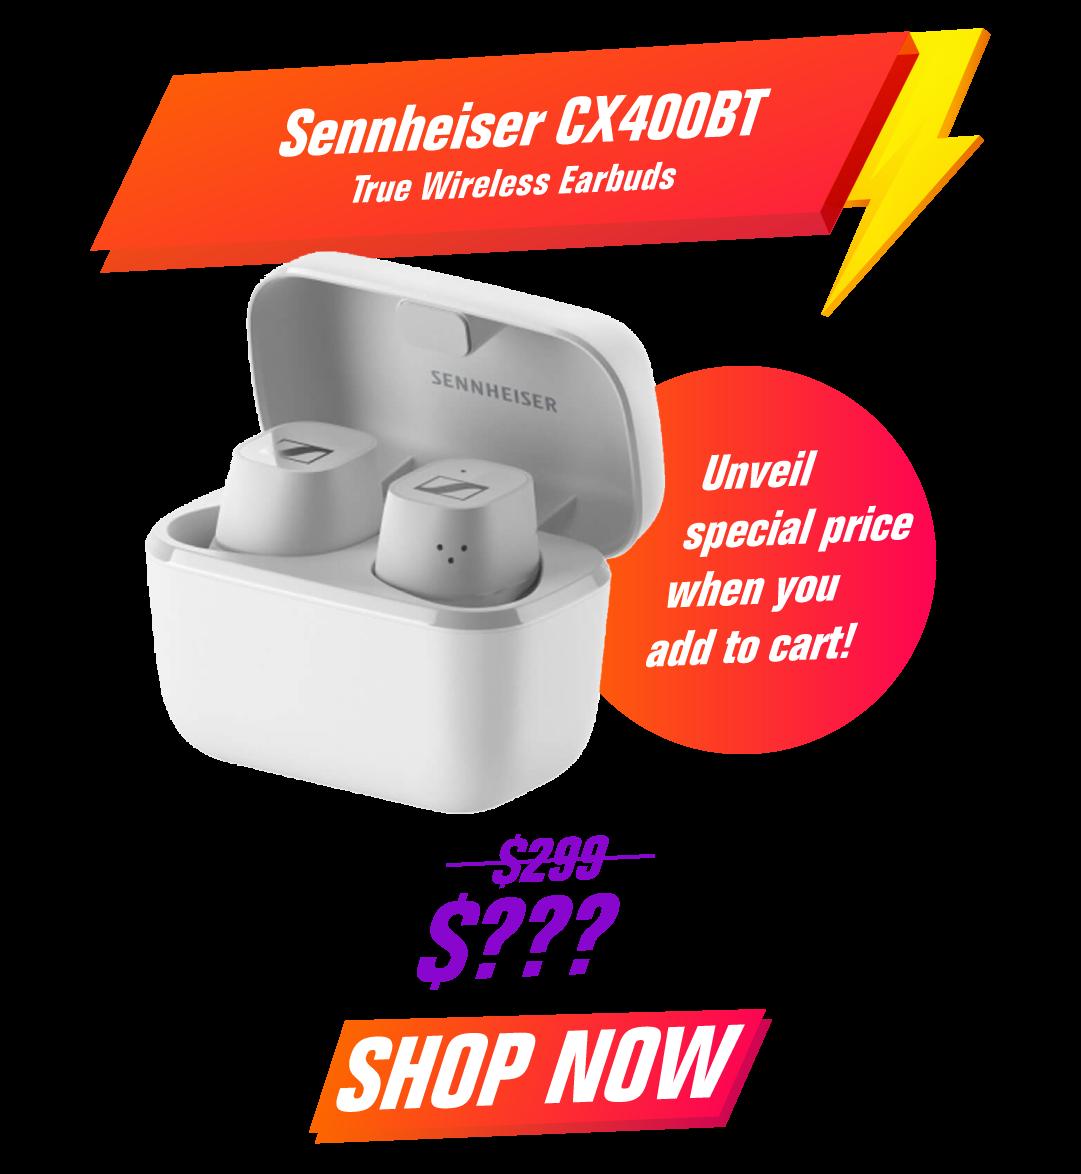 Sennheiser CX400BT True Wireless Earbuds - White